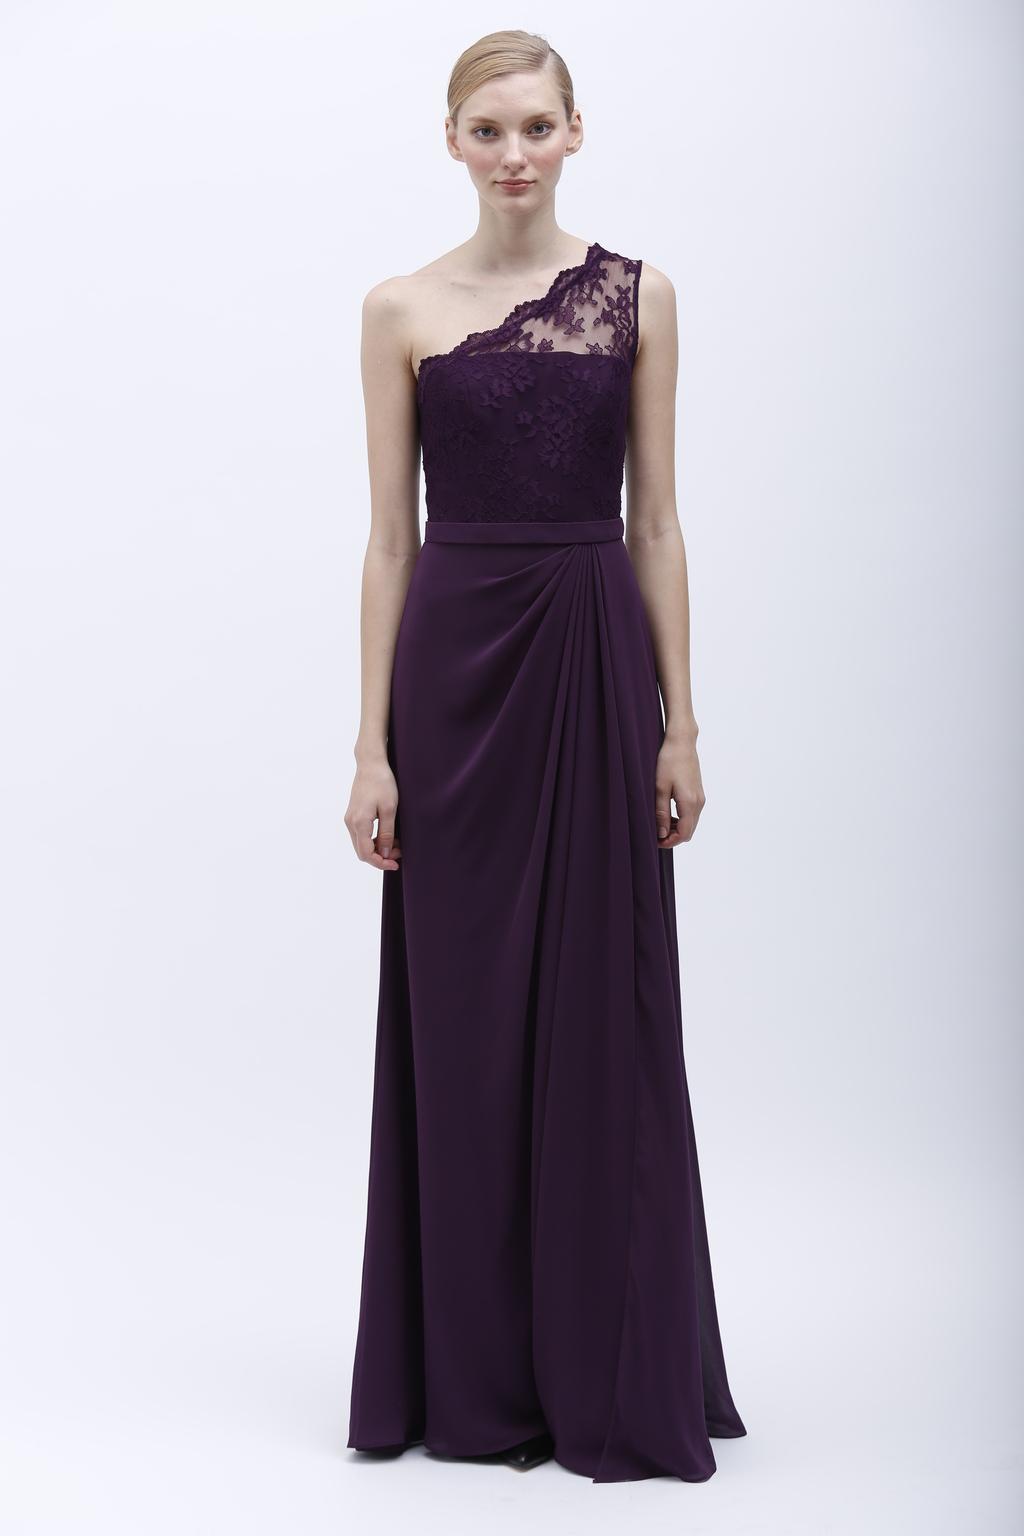 Monique-lhuillier-spring-2014-bridesmaid-dress-450154_plum.full